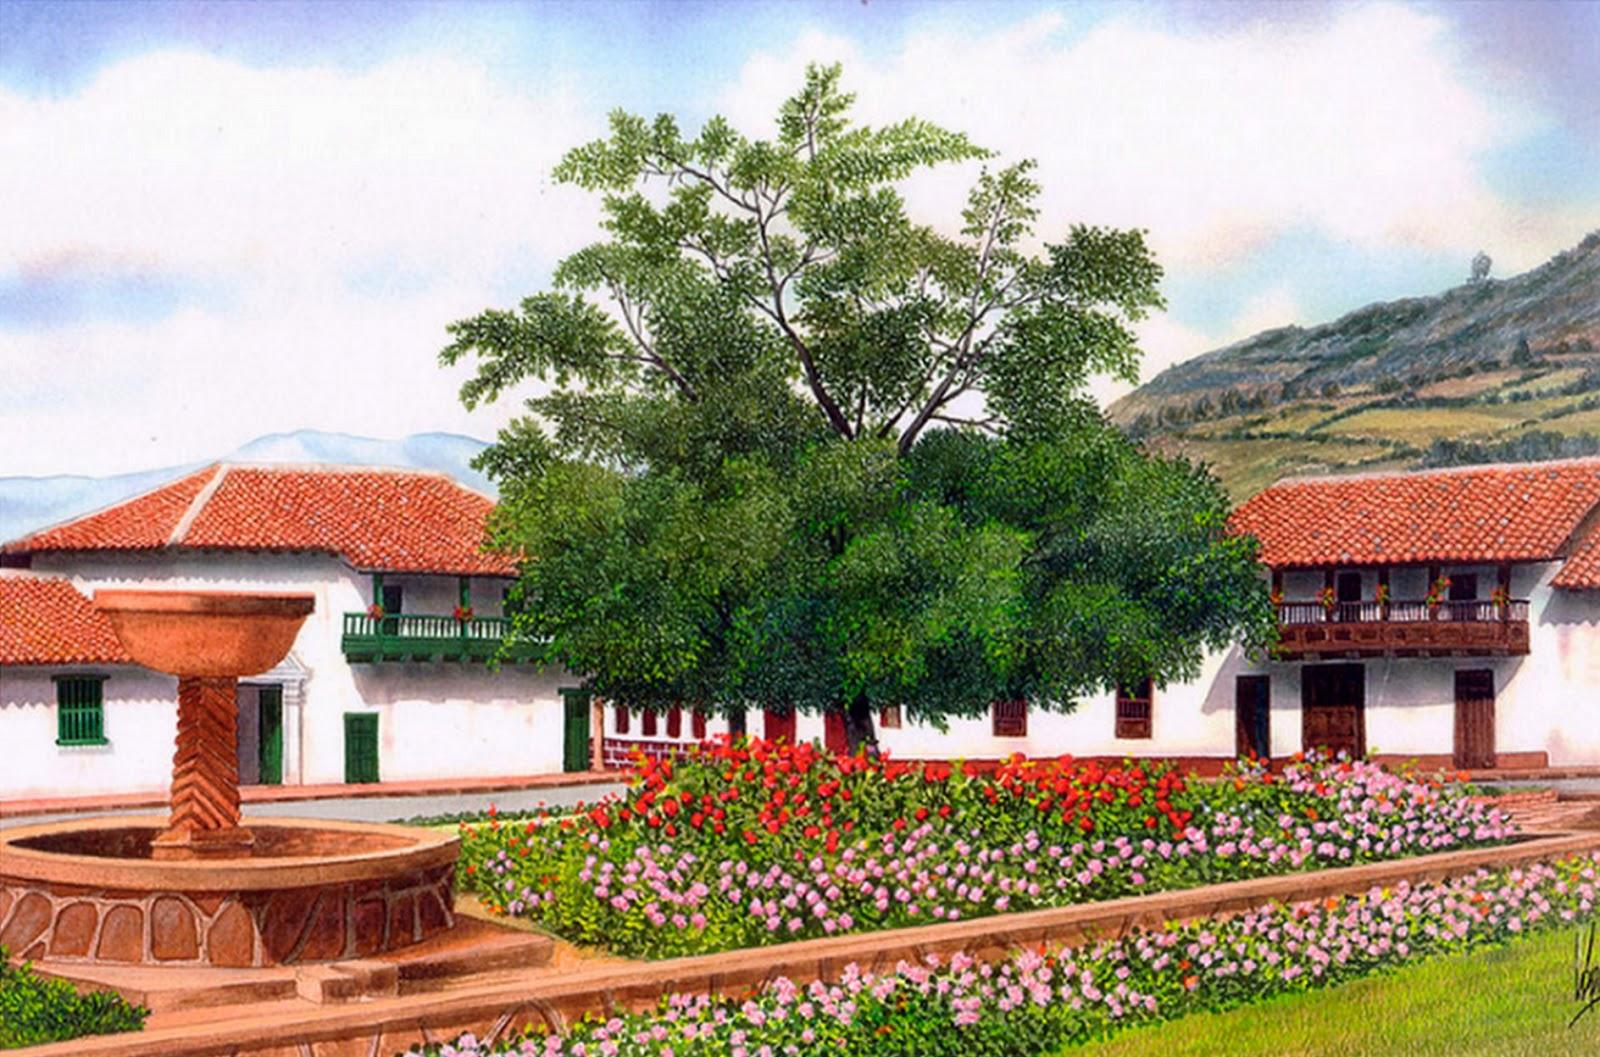 Imágenes Arte Pinturas: Cuadros de Paisajes de Pueblos, Pintor José ...